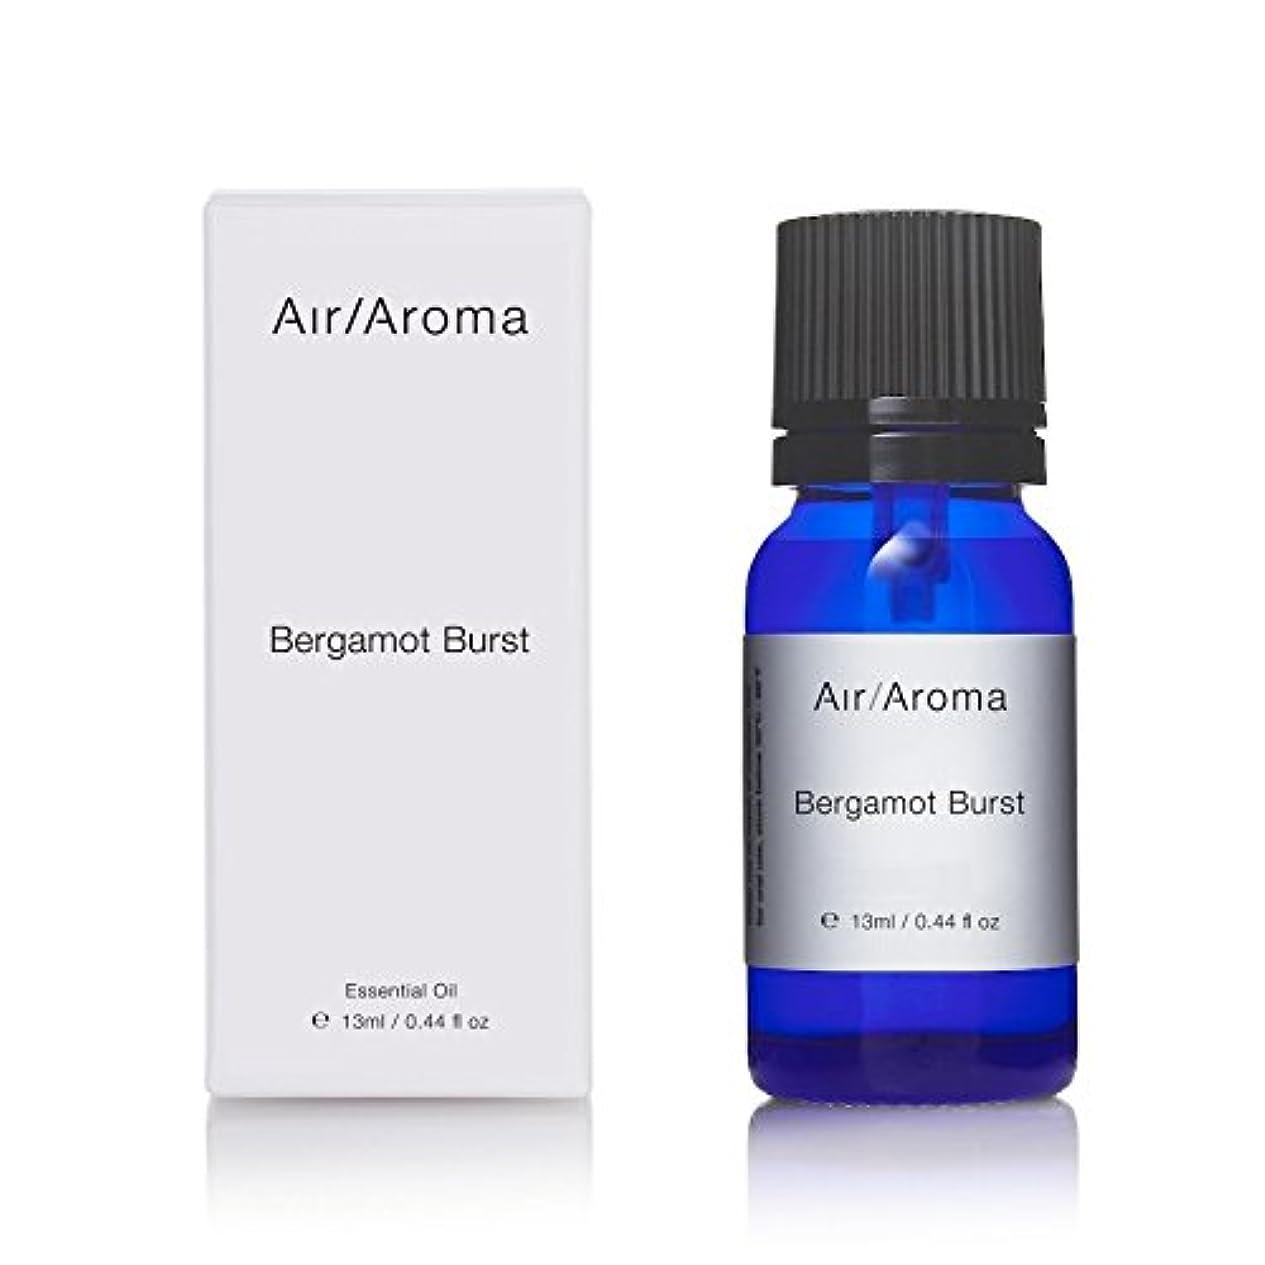 間違っているポータブル成功するエアアロマ bergamot burst (ベルガモットバースト) 13ml